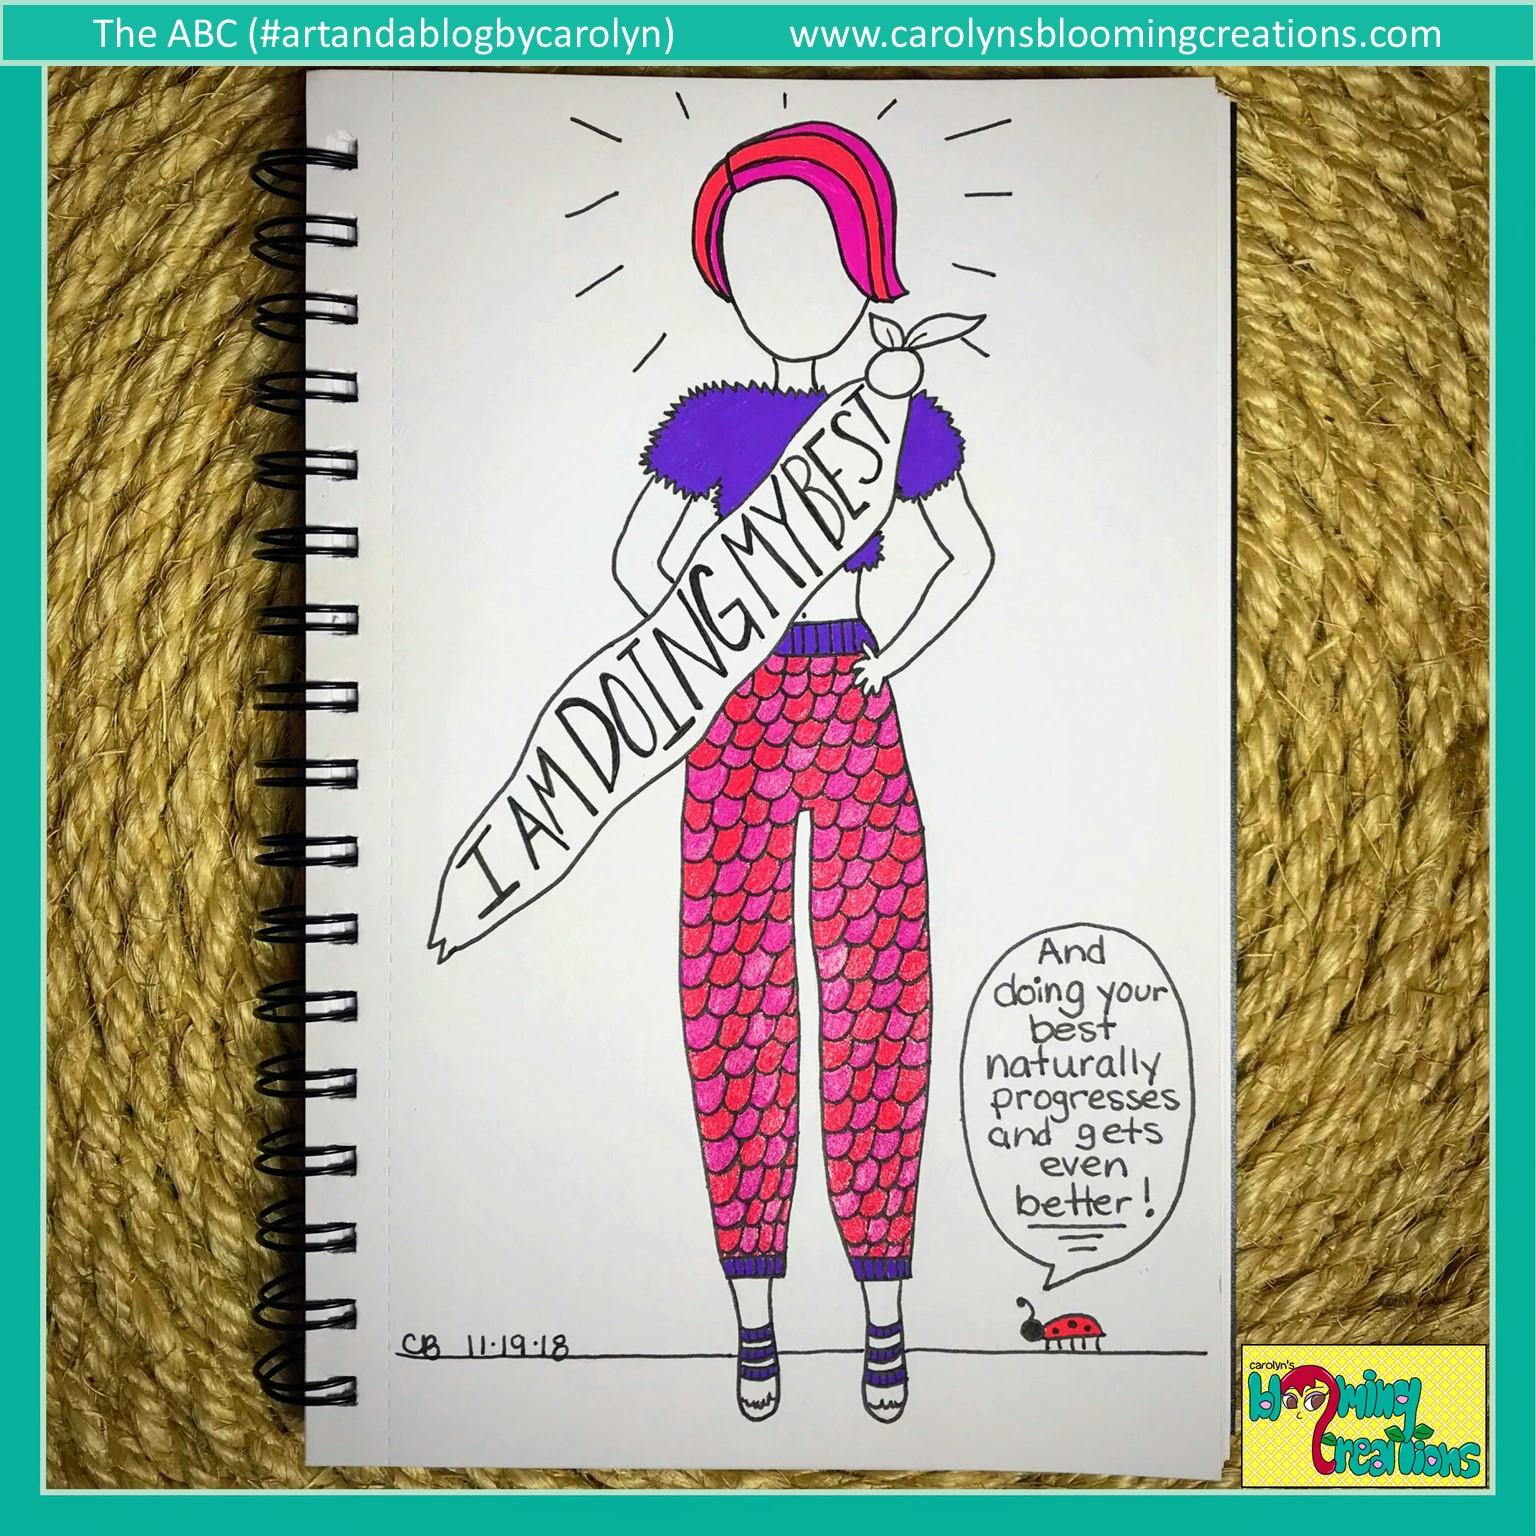 Art by Carolyn J. Braden, Media: Sakura Gelly Roll pens, Faber Castell PITT pens, BIC pencil  www.carolynsbloomingcreations.com